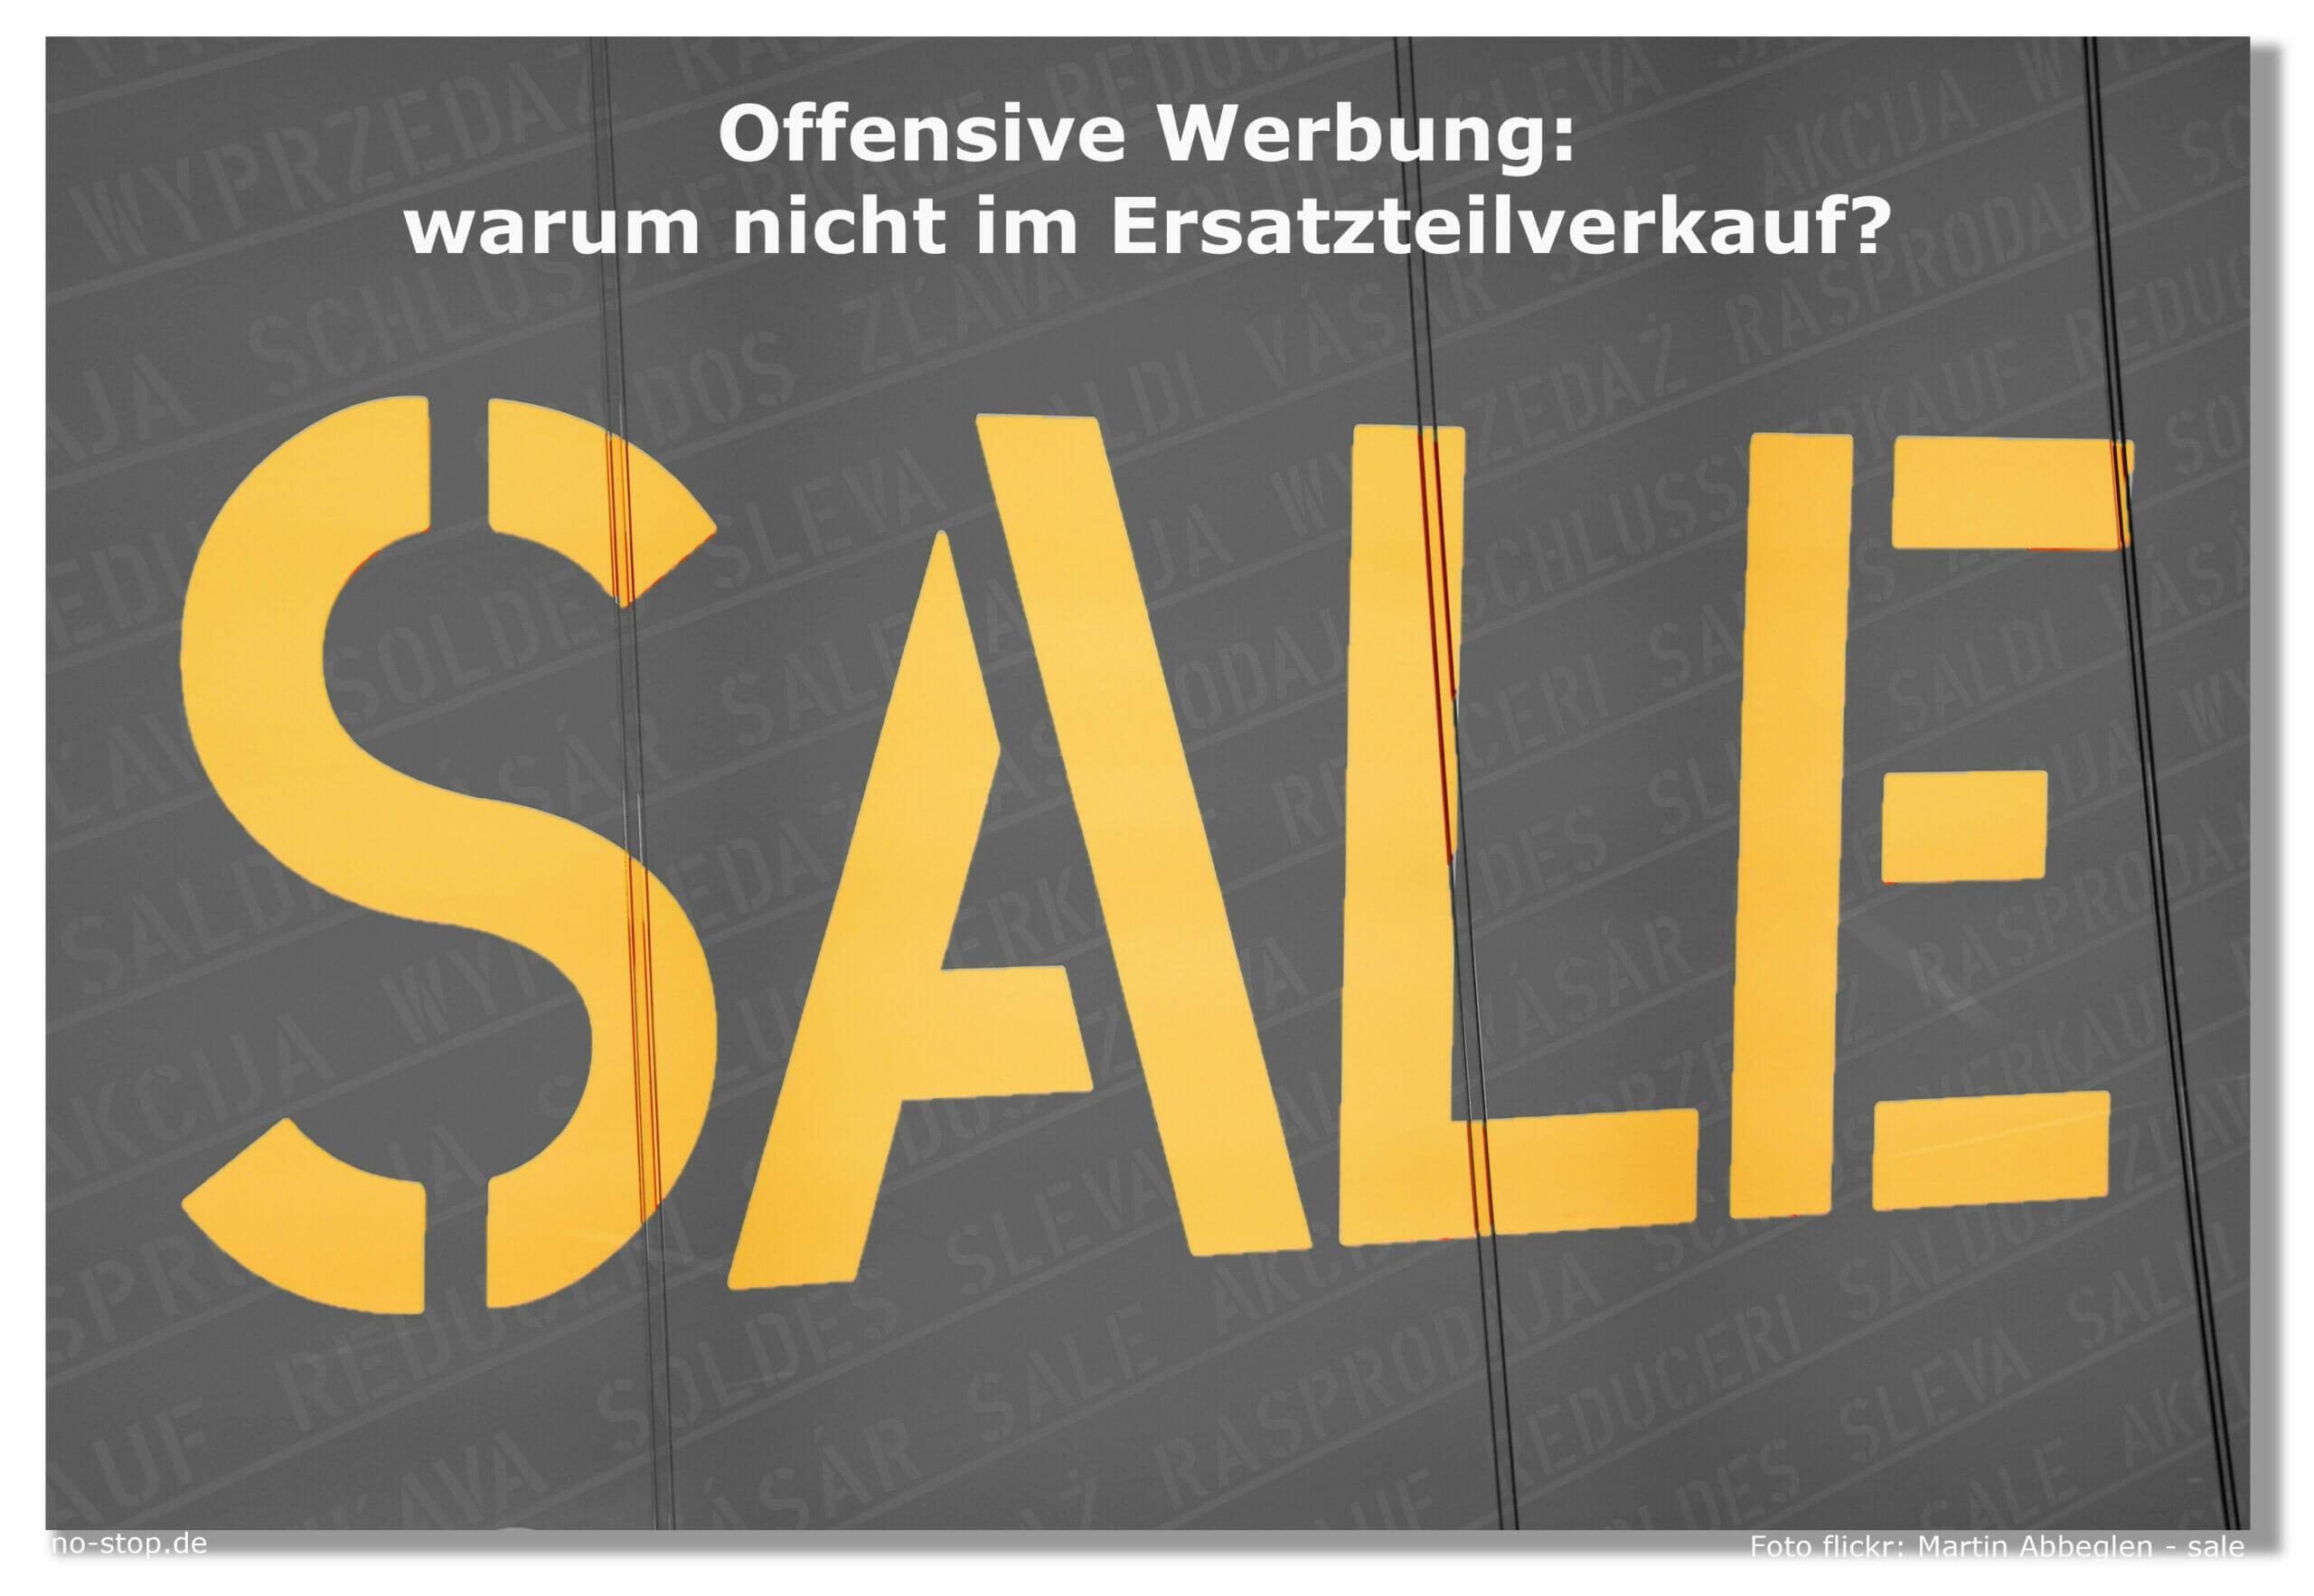 Offensive Werbung im Ersatzteilverkauf